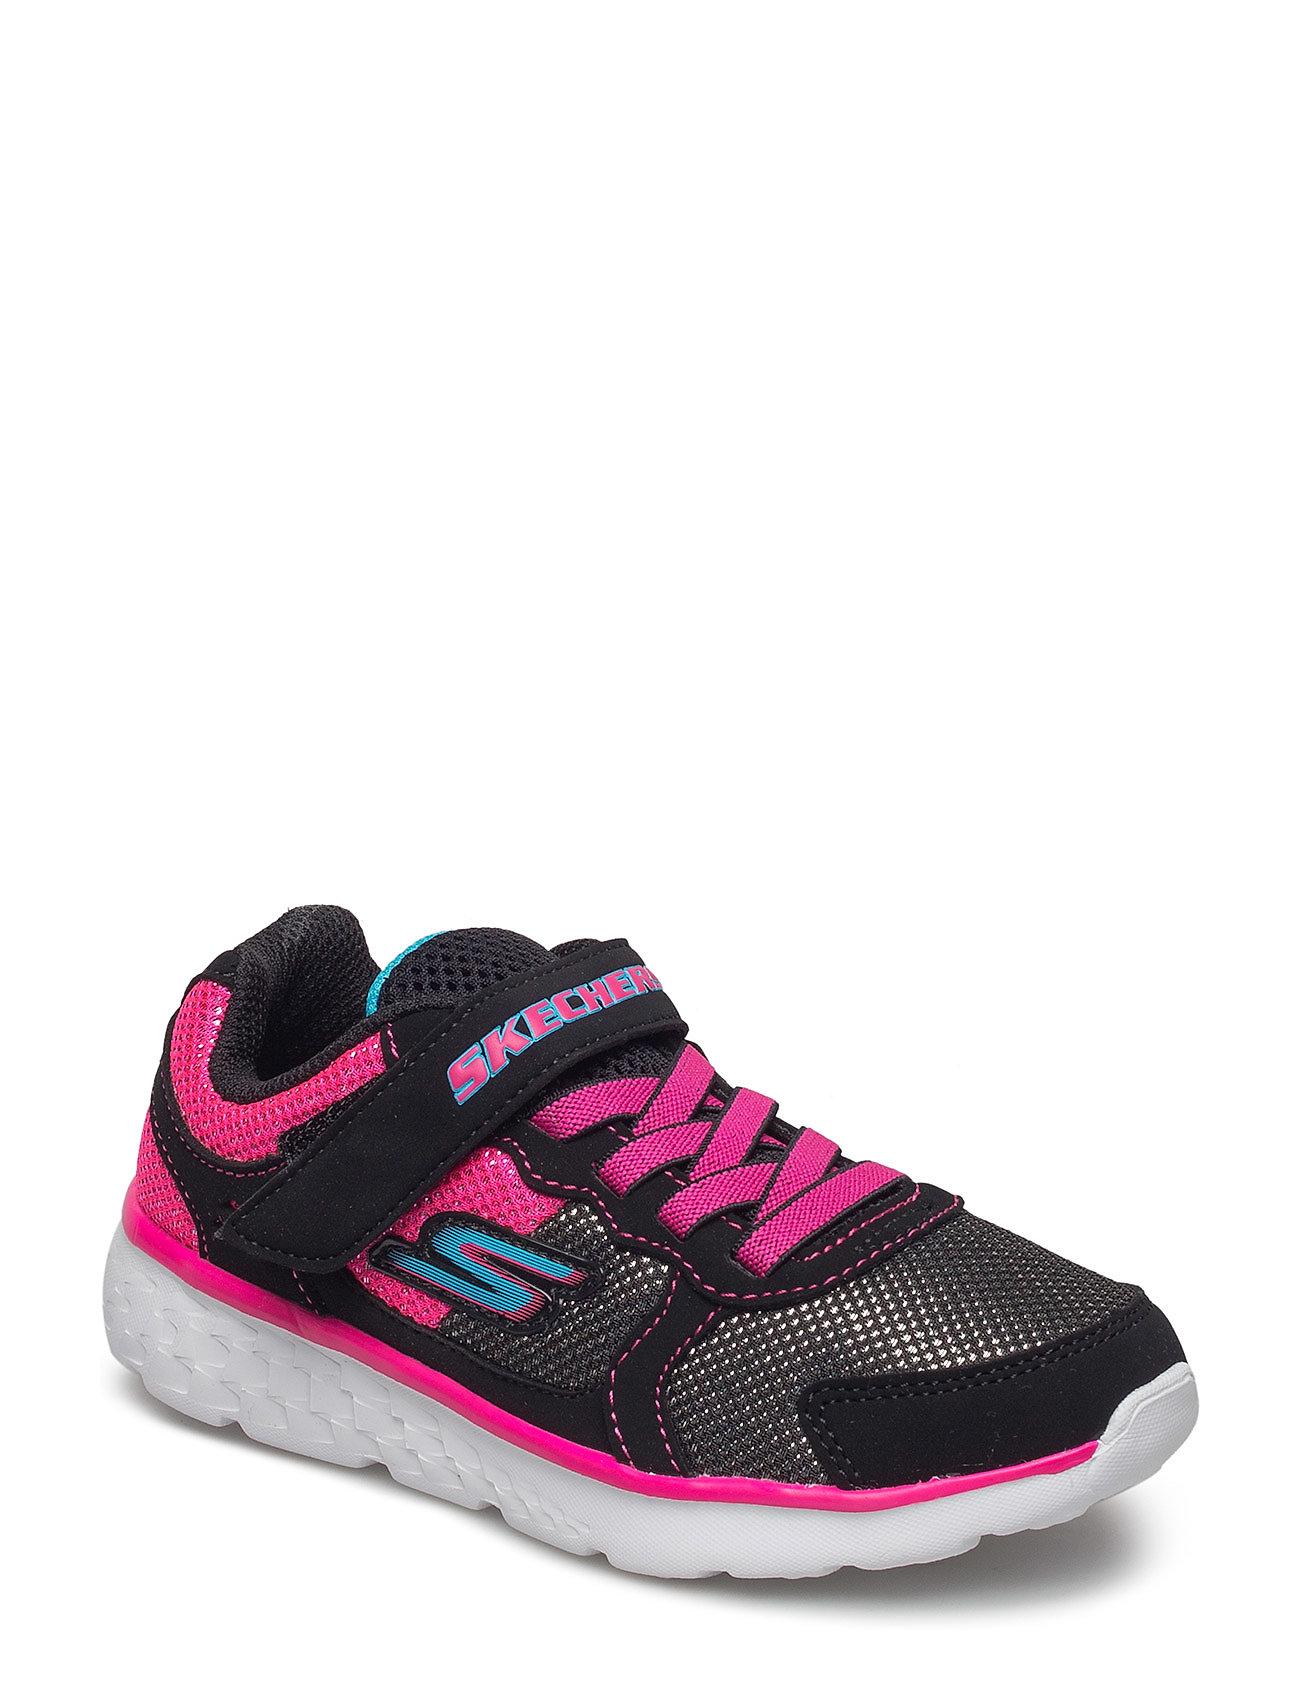 55c2228d480 Girls Go Run 400 Skechers Sko & Sneakers til Børn i | Unfairfashion.dk